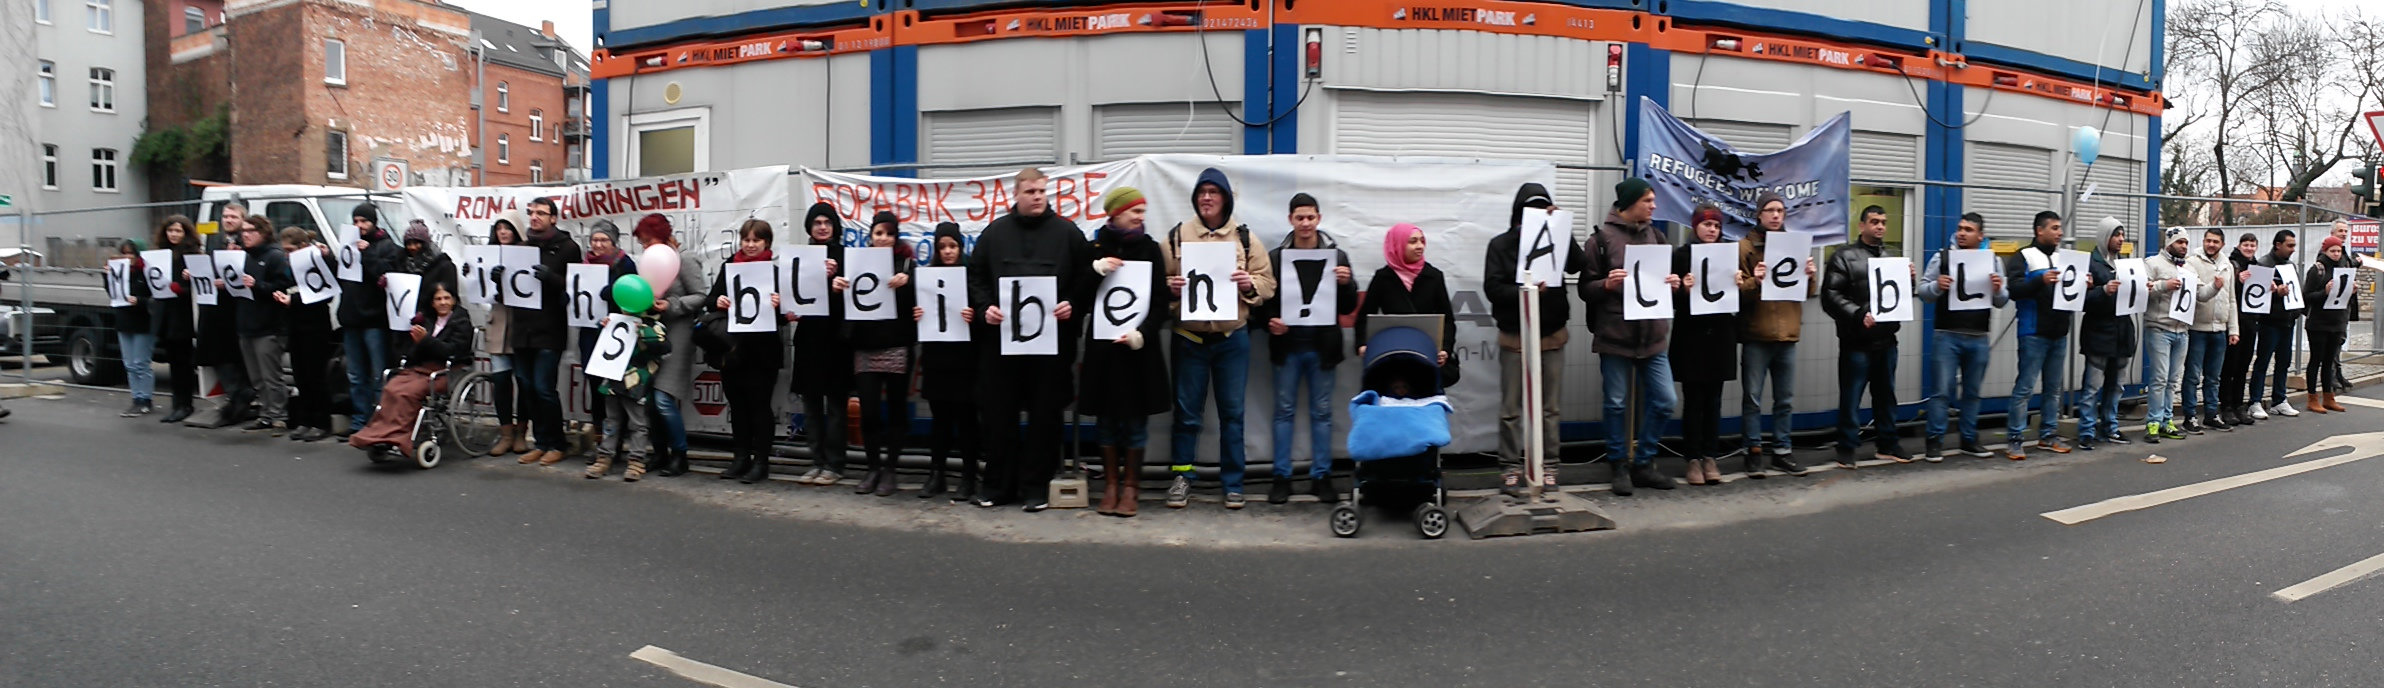 PM Kundgebung vor Ausländerbehörde in Erfurt 10.02.2015: Memedovich bleiben! Alle bleiben!